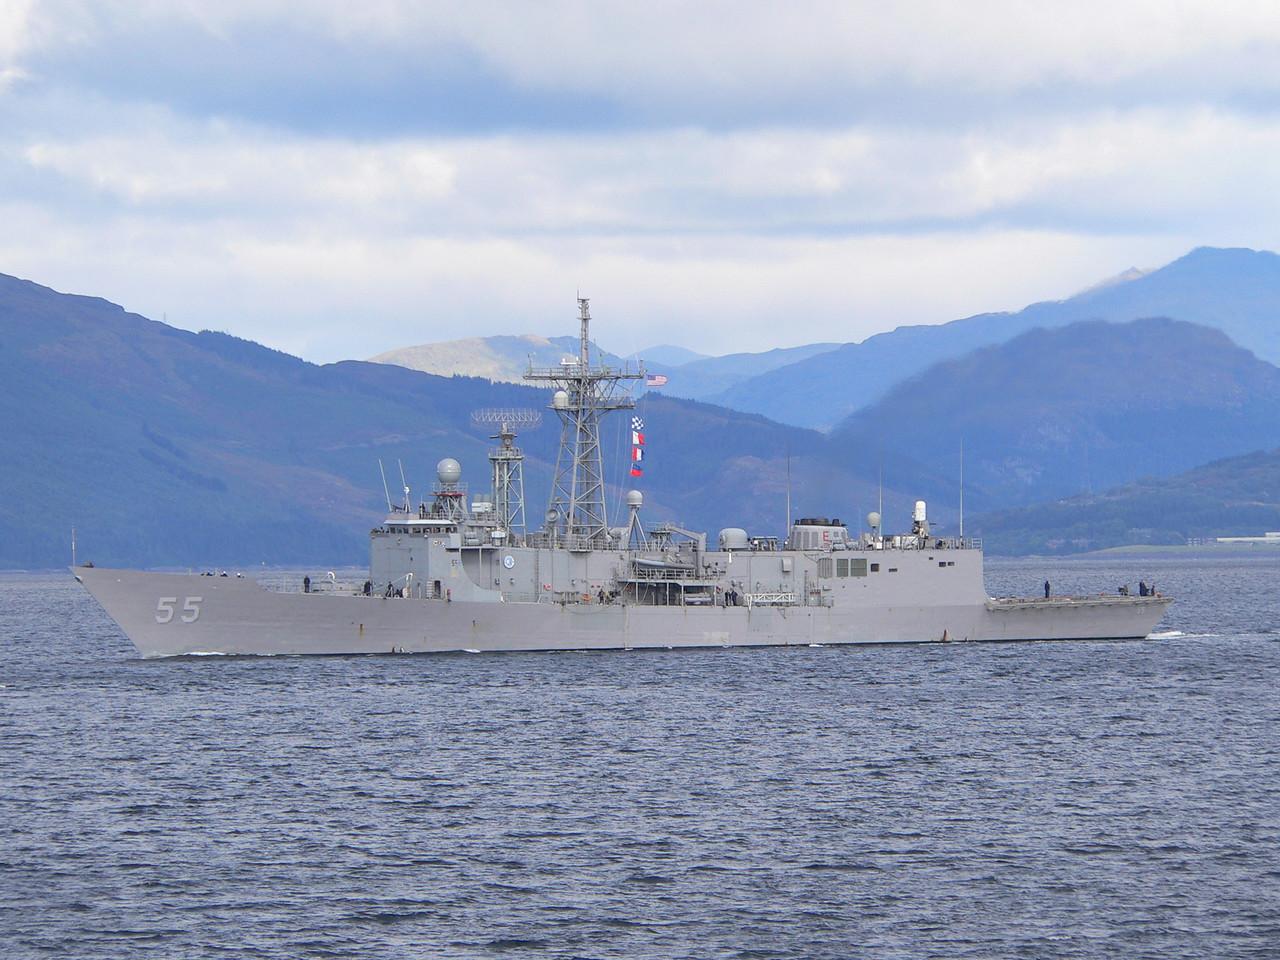 FFG-55 USS ELROD